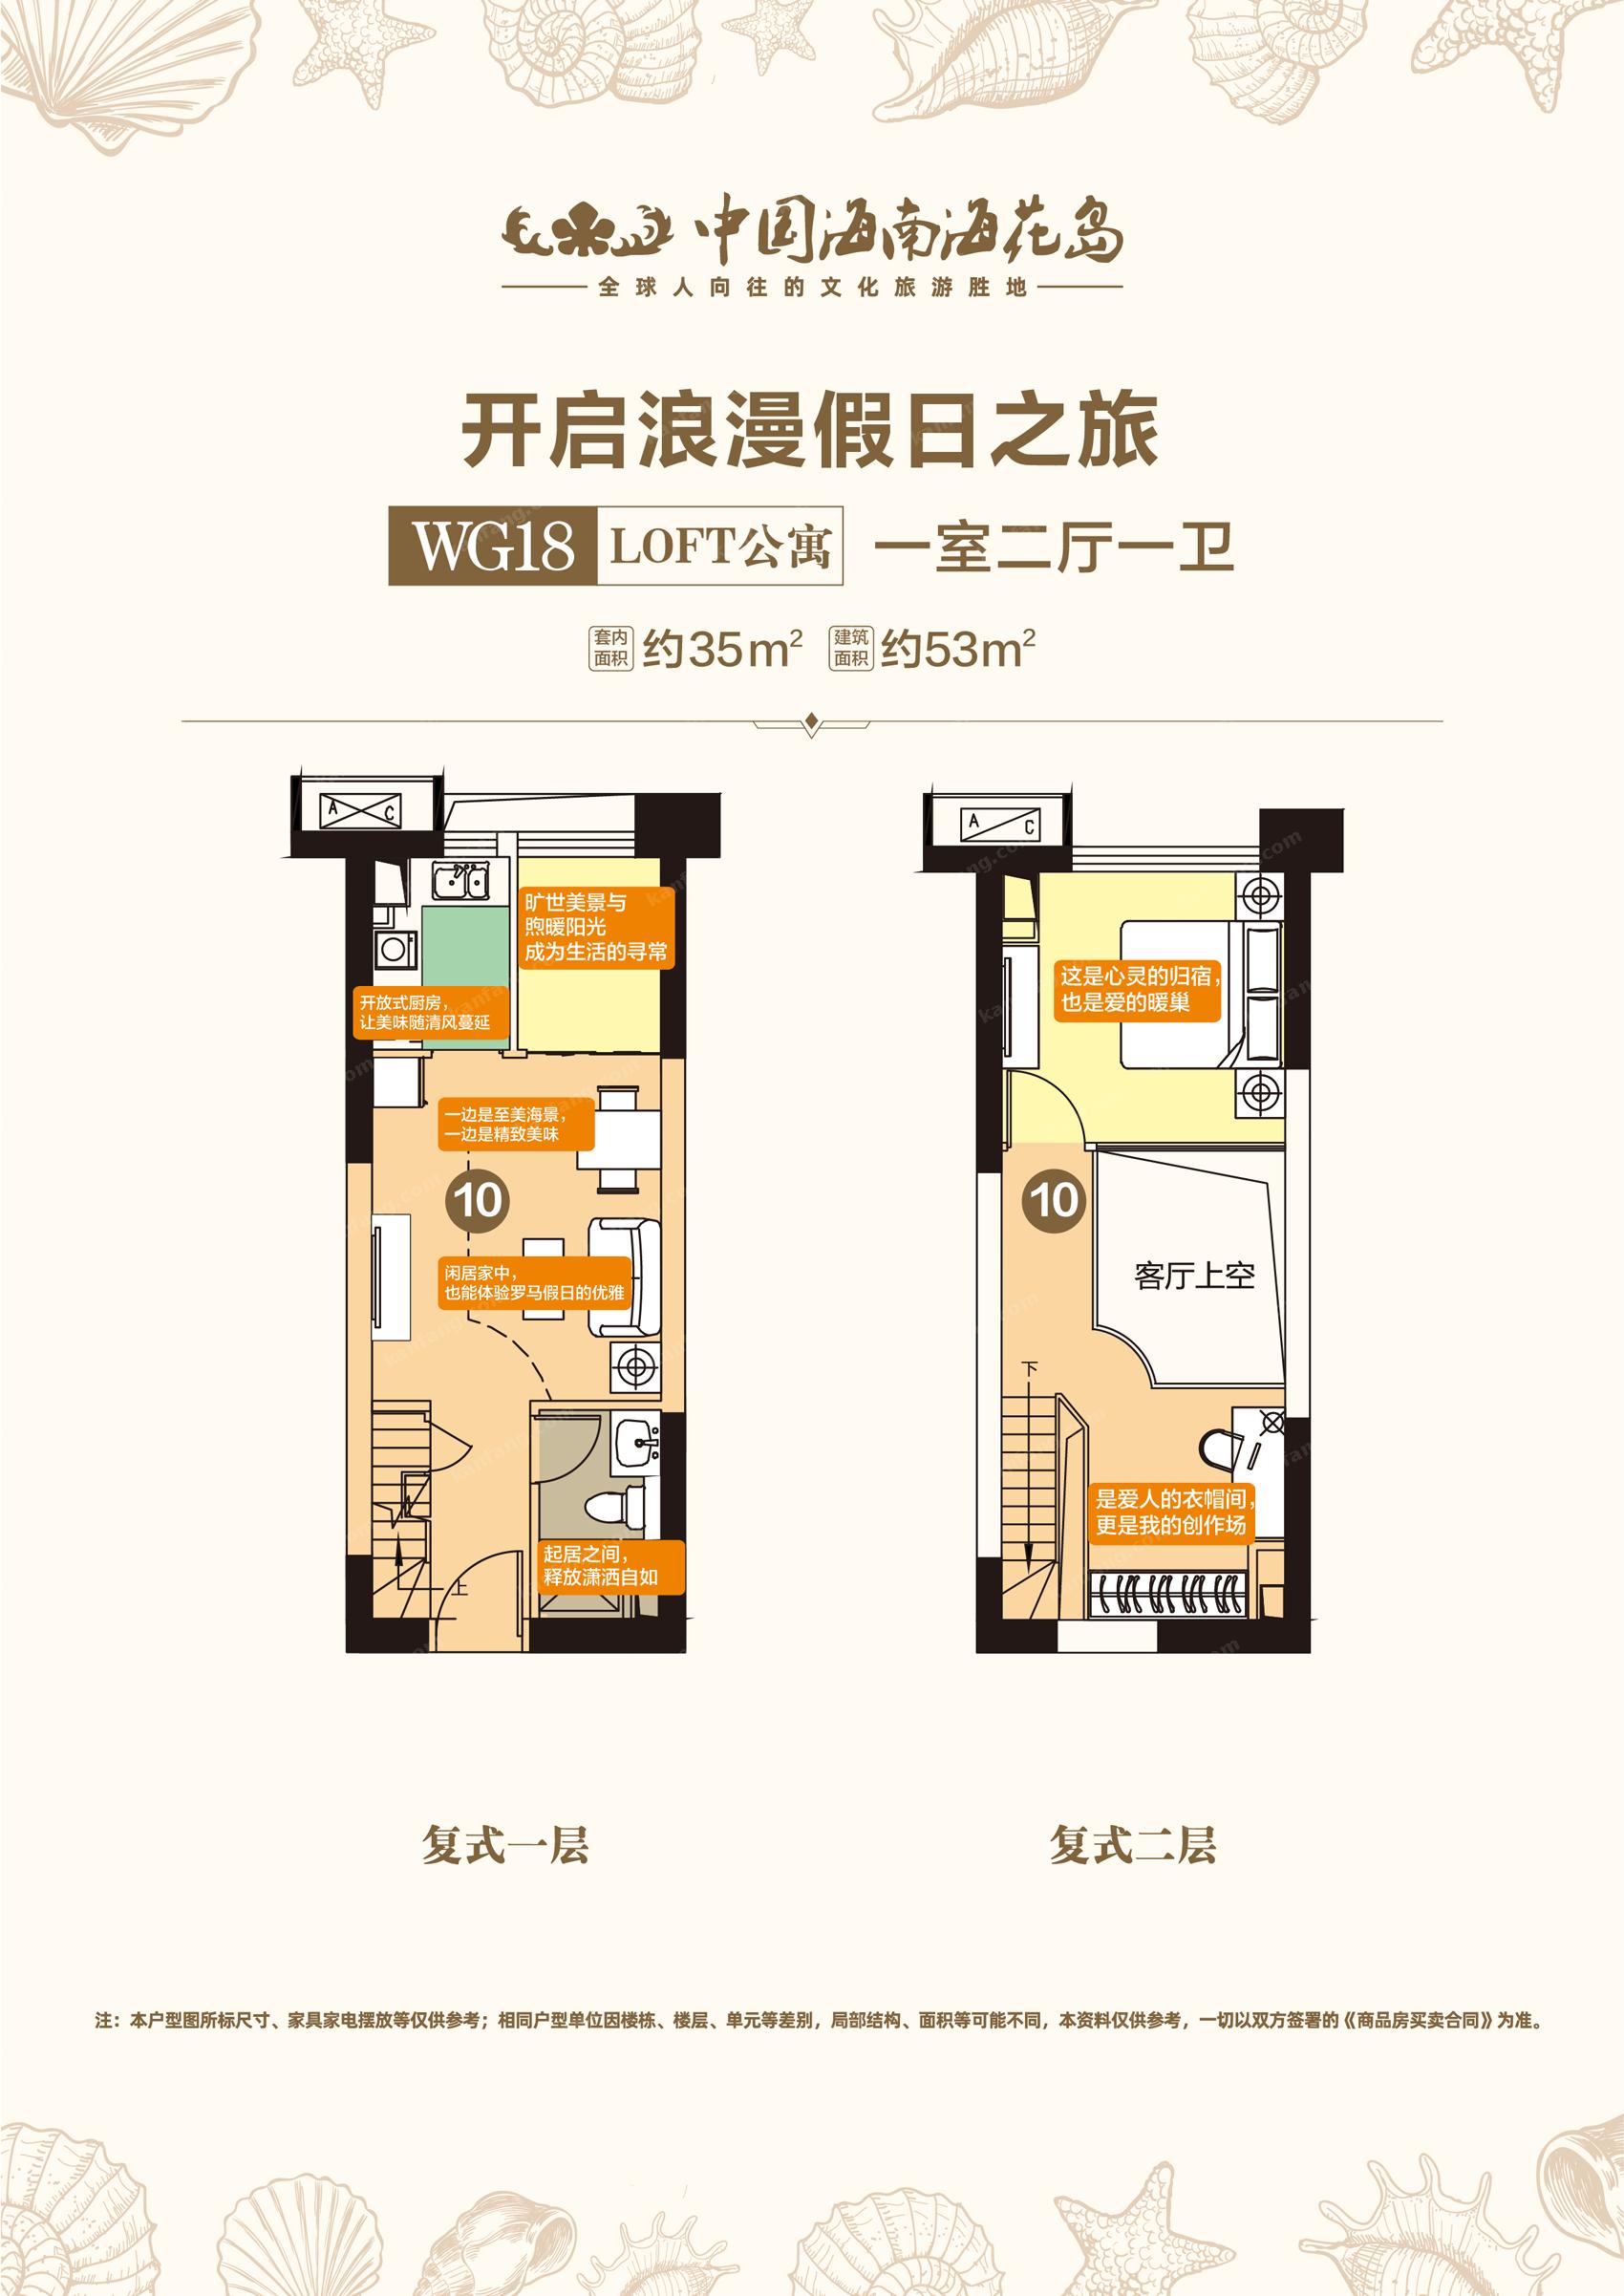 WG18loft公寓